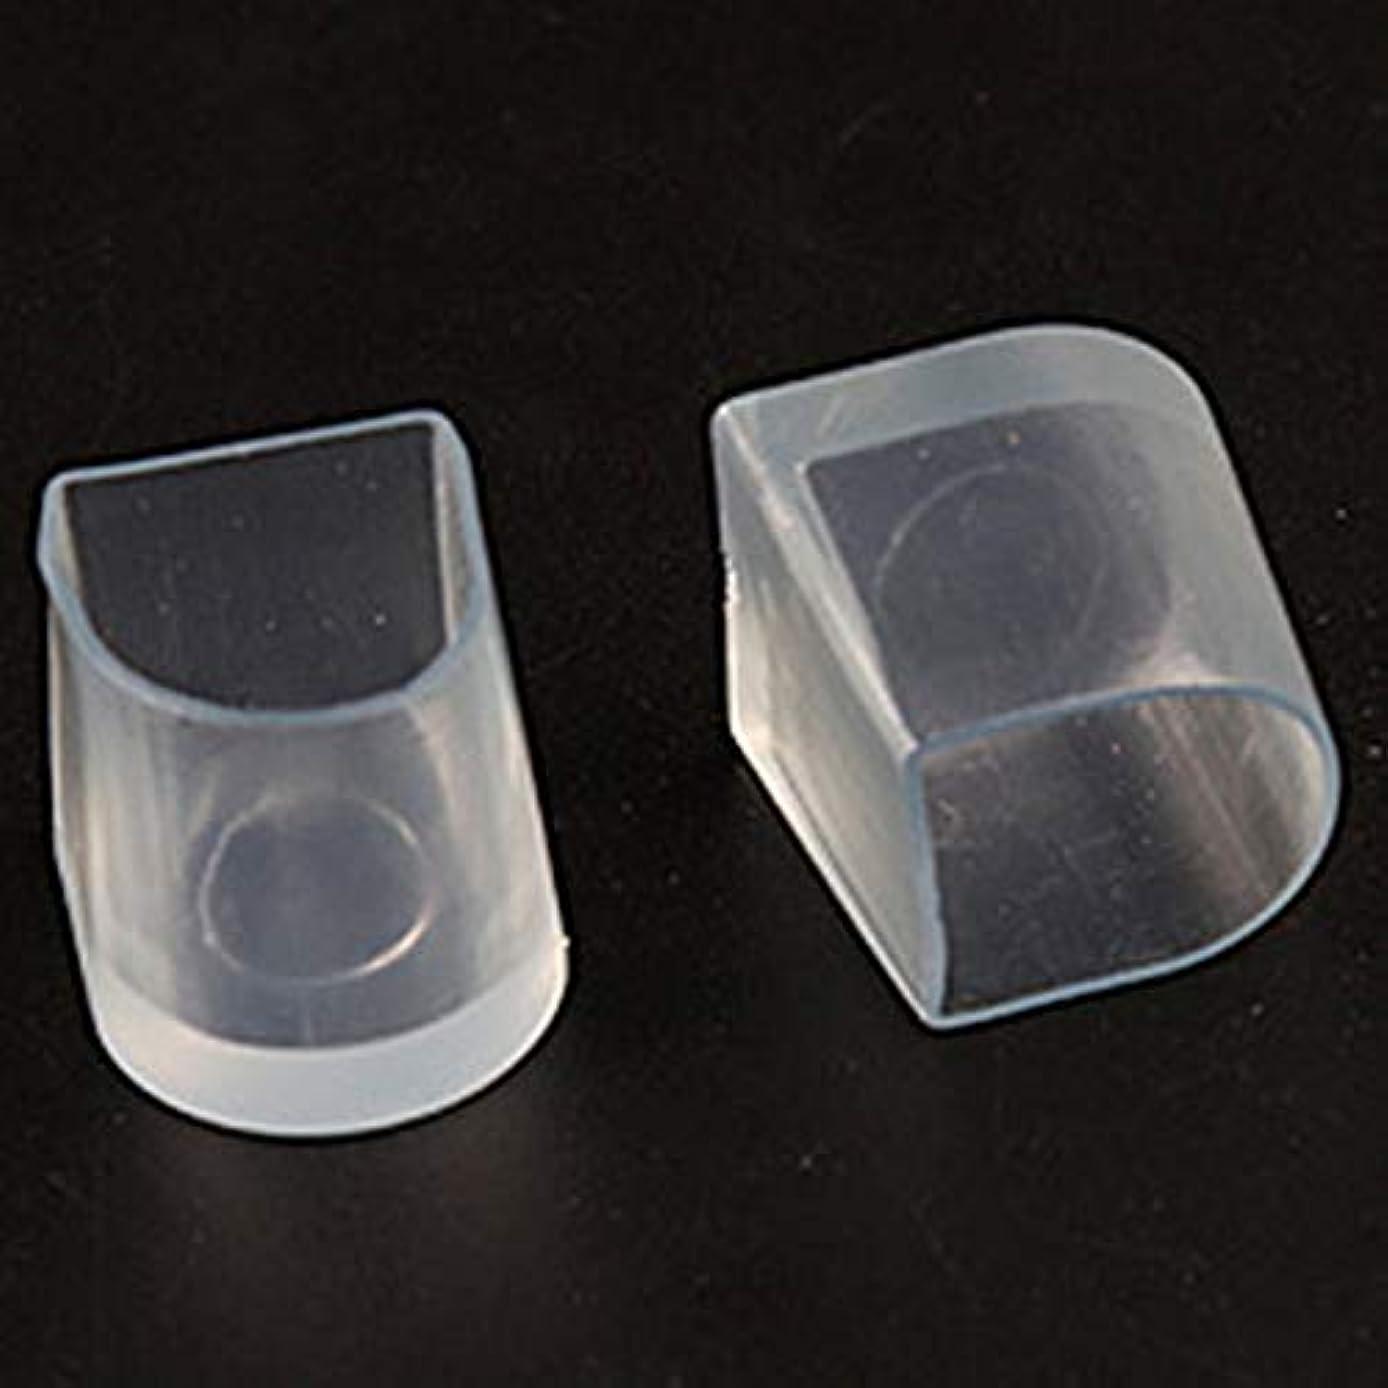 海外でセレナ枯れる1ペアハイヒール保護カバーラテンスティレットダンスカバーヒールストッパー滑り止め耐摩耗性(Color:transparent)(Size:M)